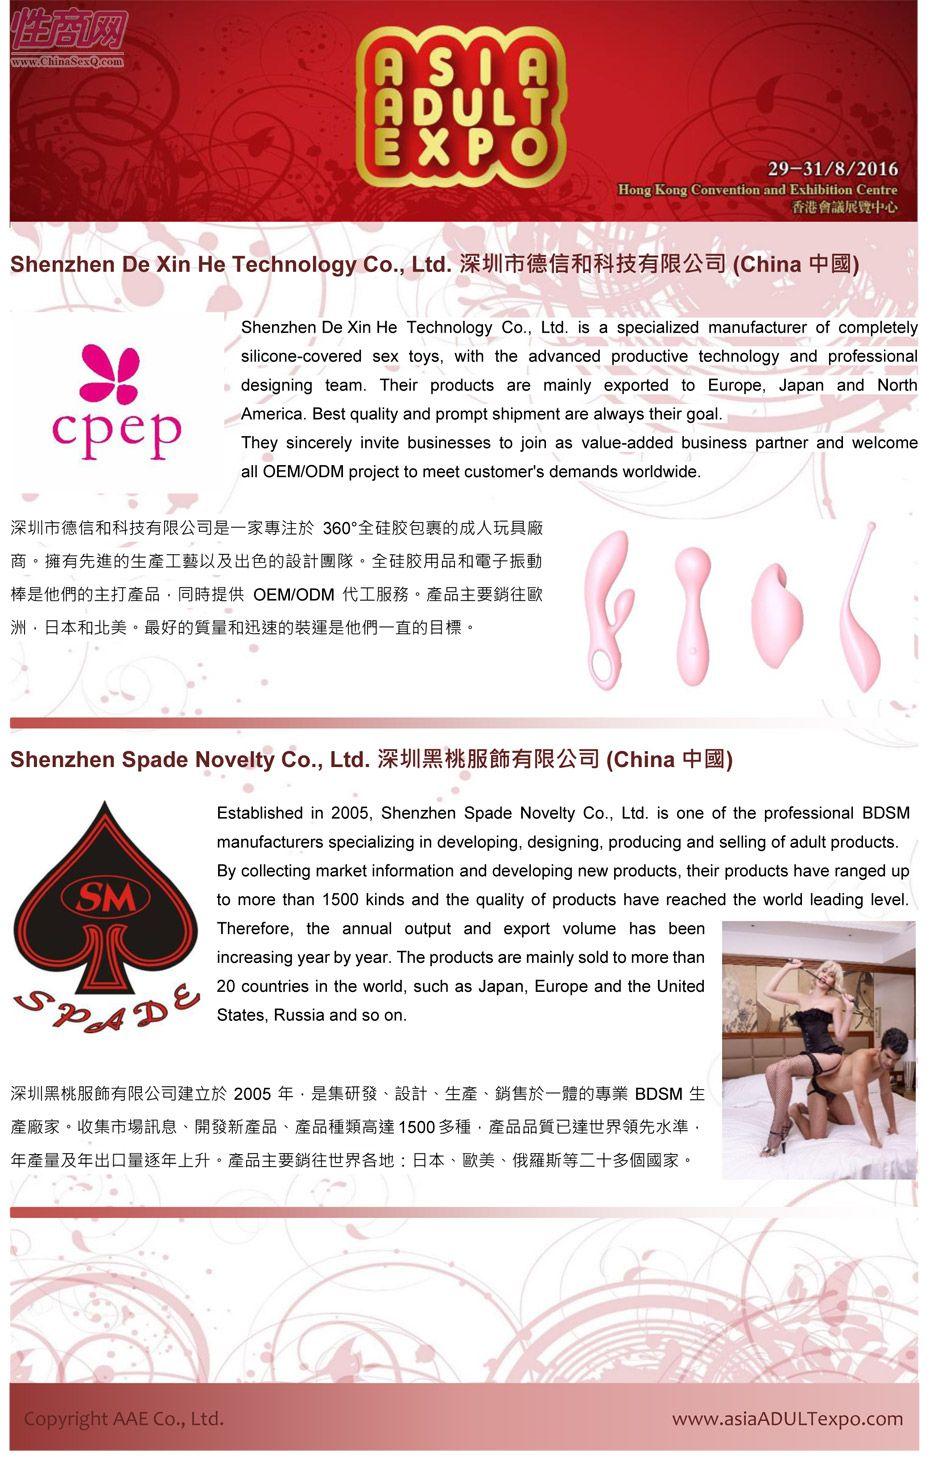 2016年亚洲成人博览AAE(香港)参展企业图片14